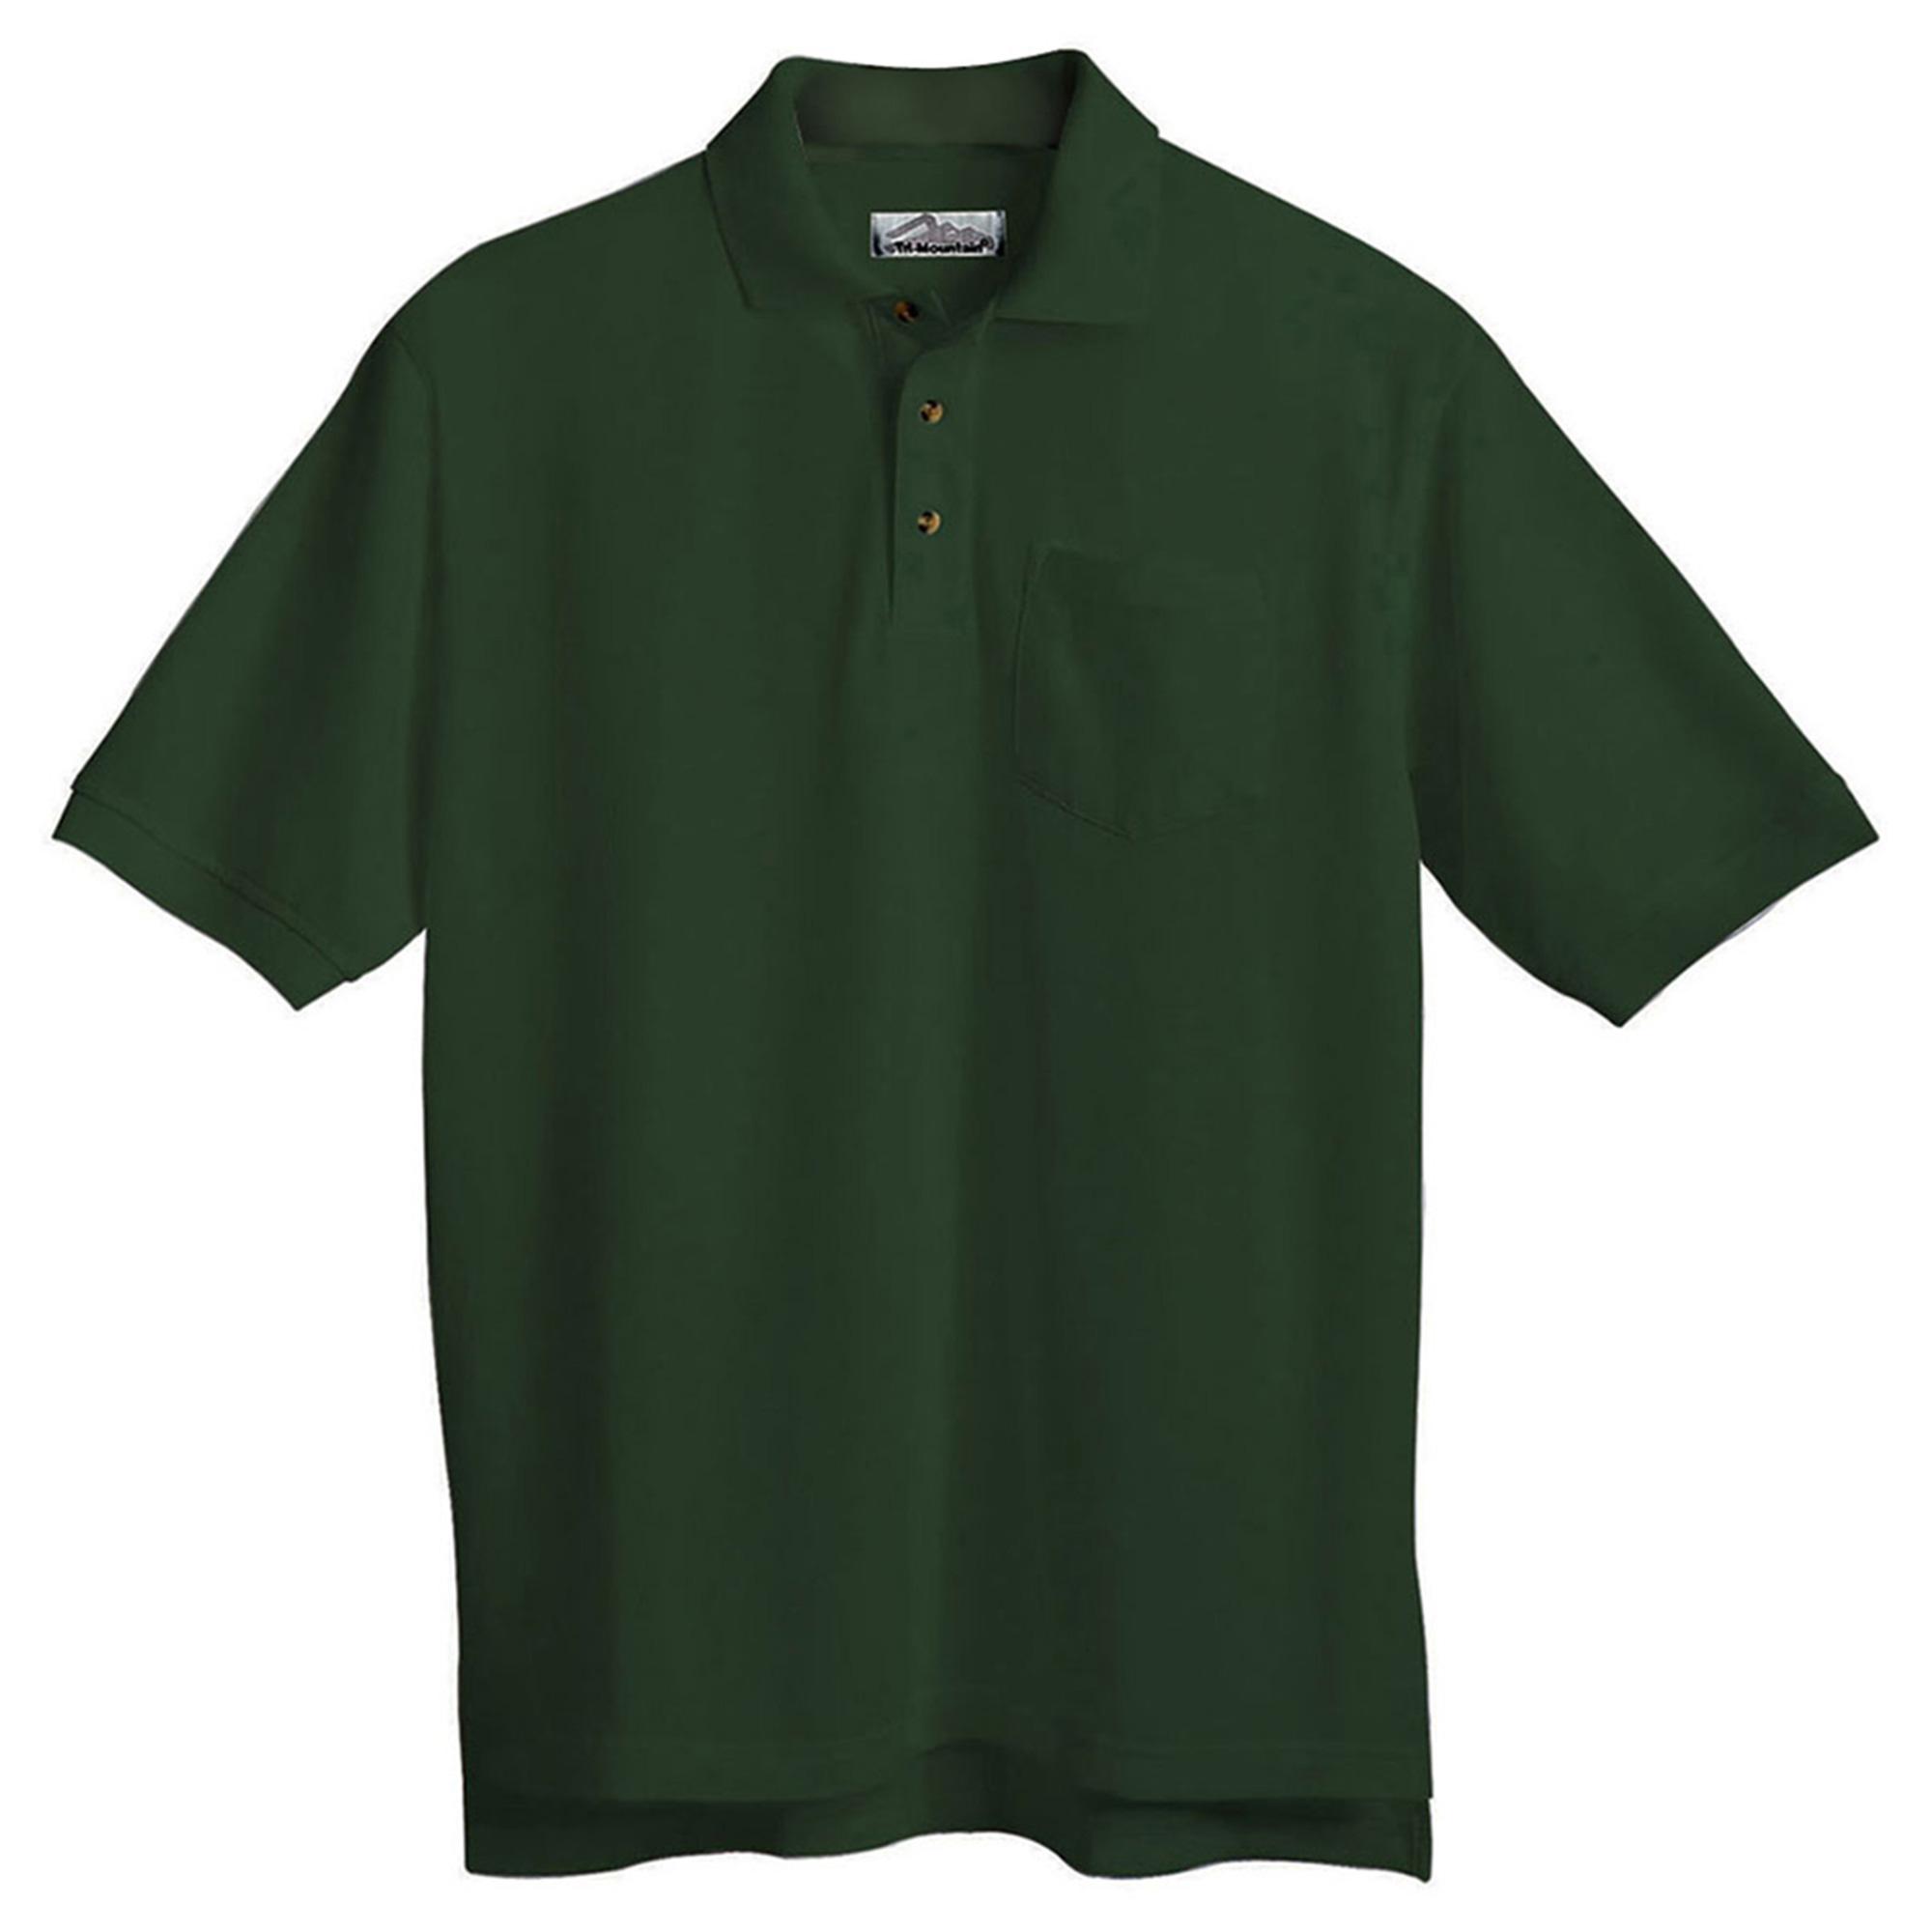 Tri-Mountain Men's Stain Resistant Easy Care Pocket Polo